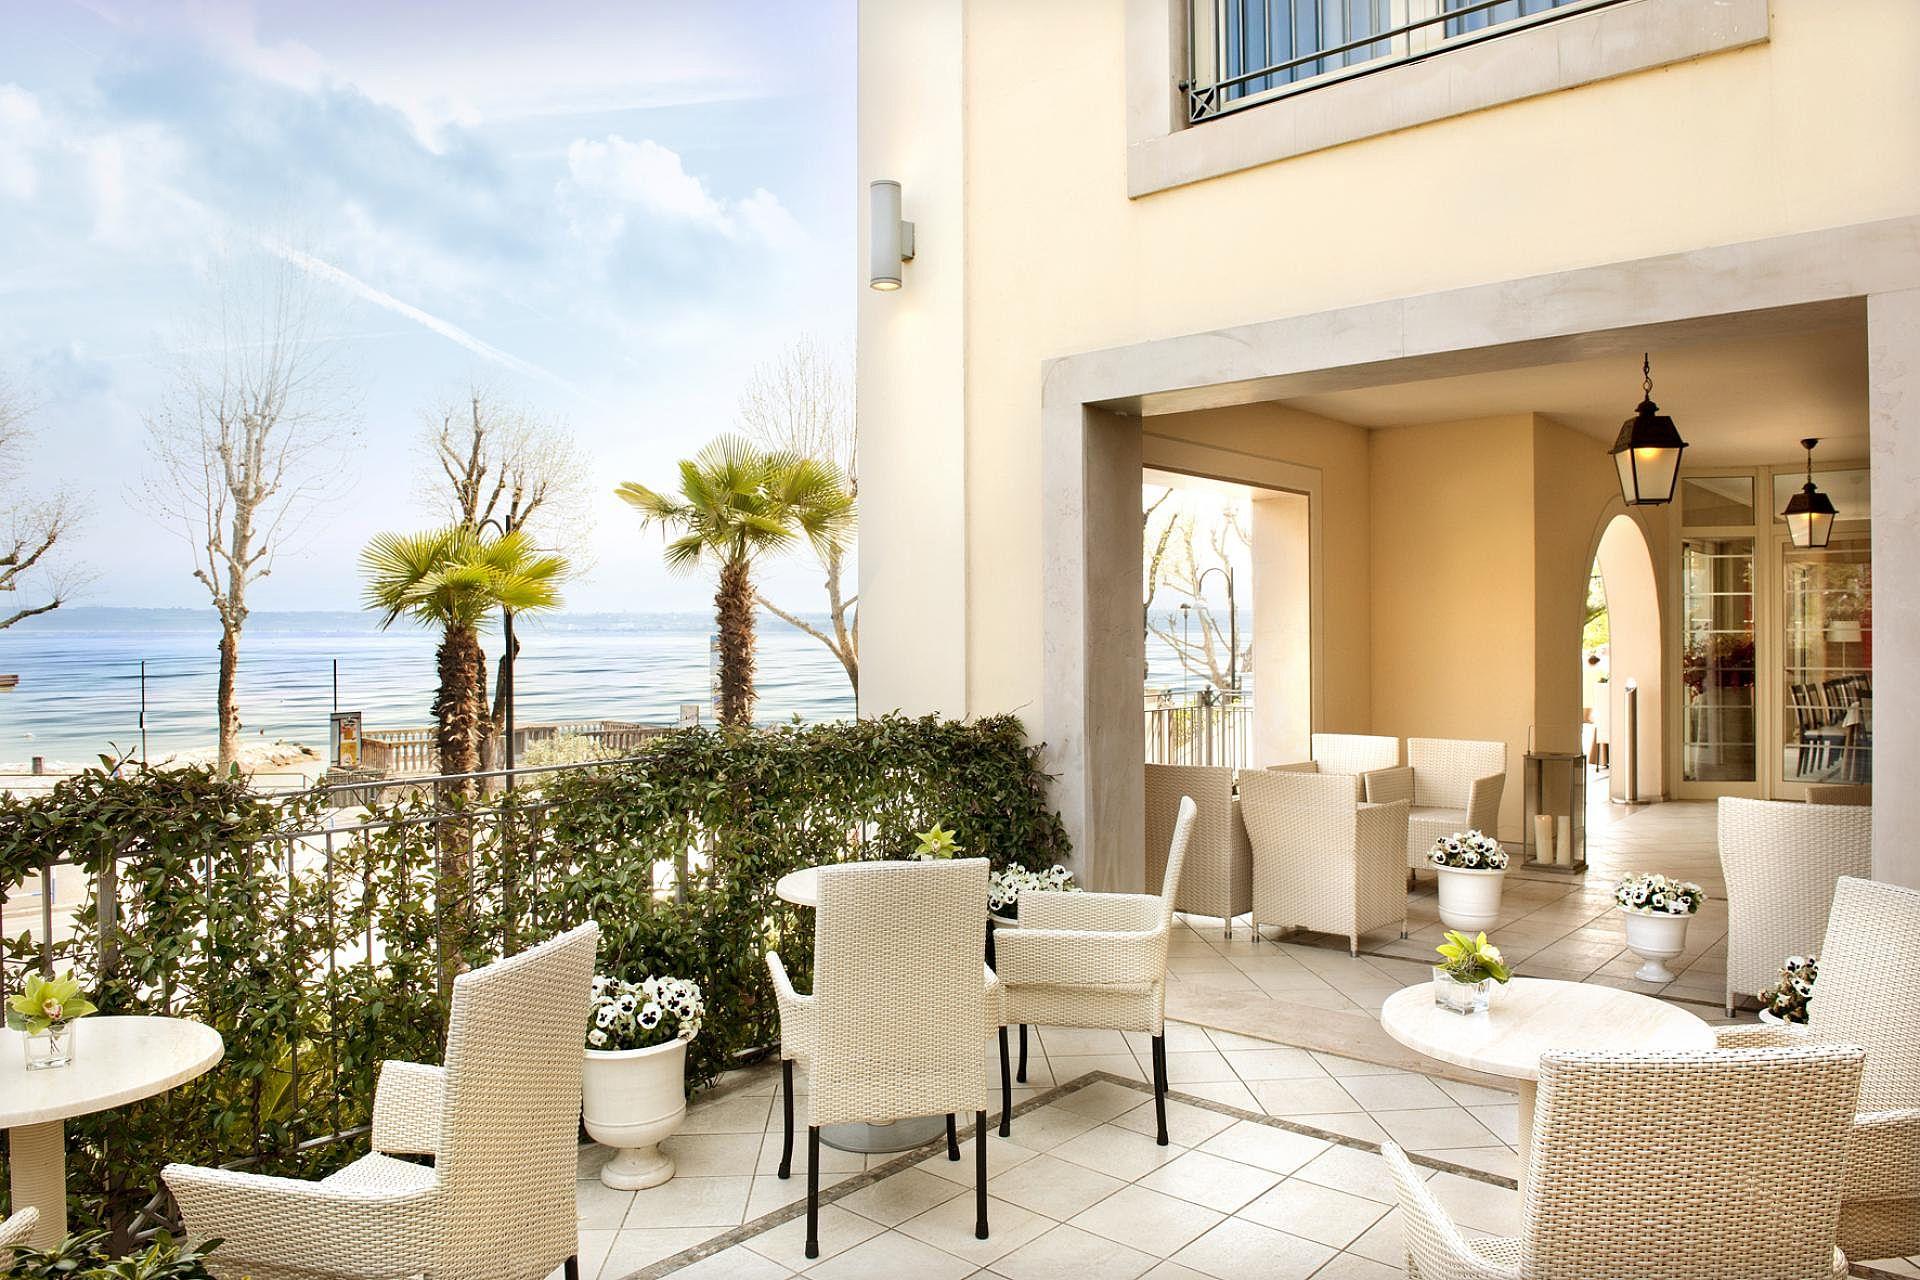 Hotel Villa Rosa Gardasee Online Zum Bestpreis Buchen Domicillio